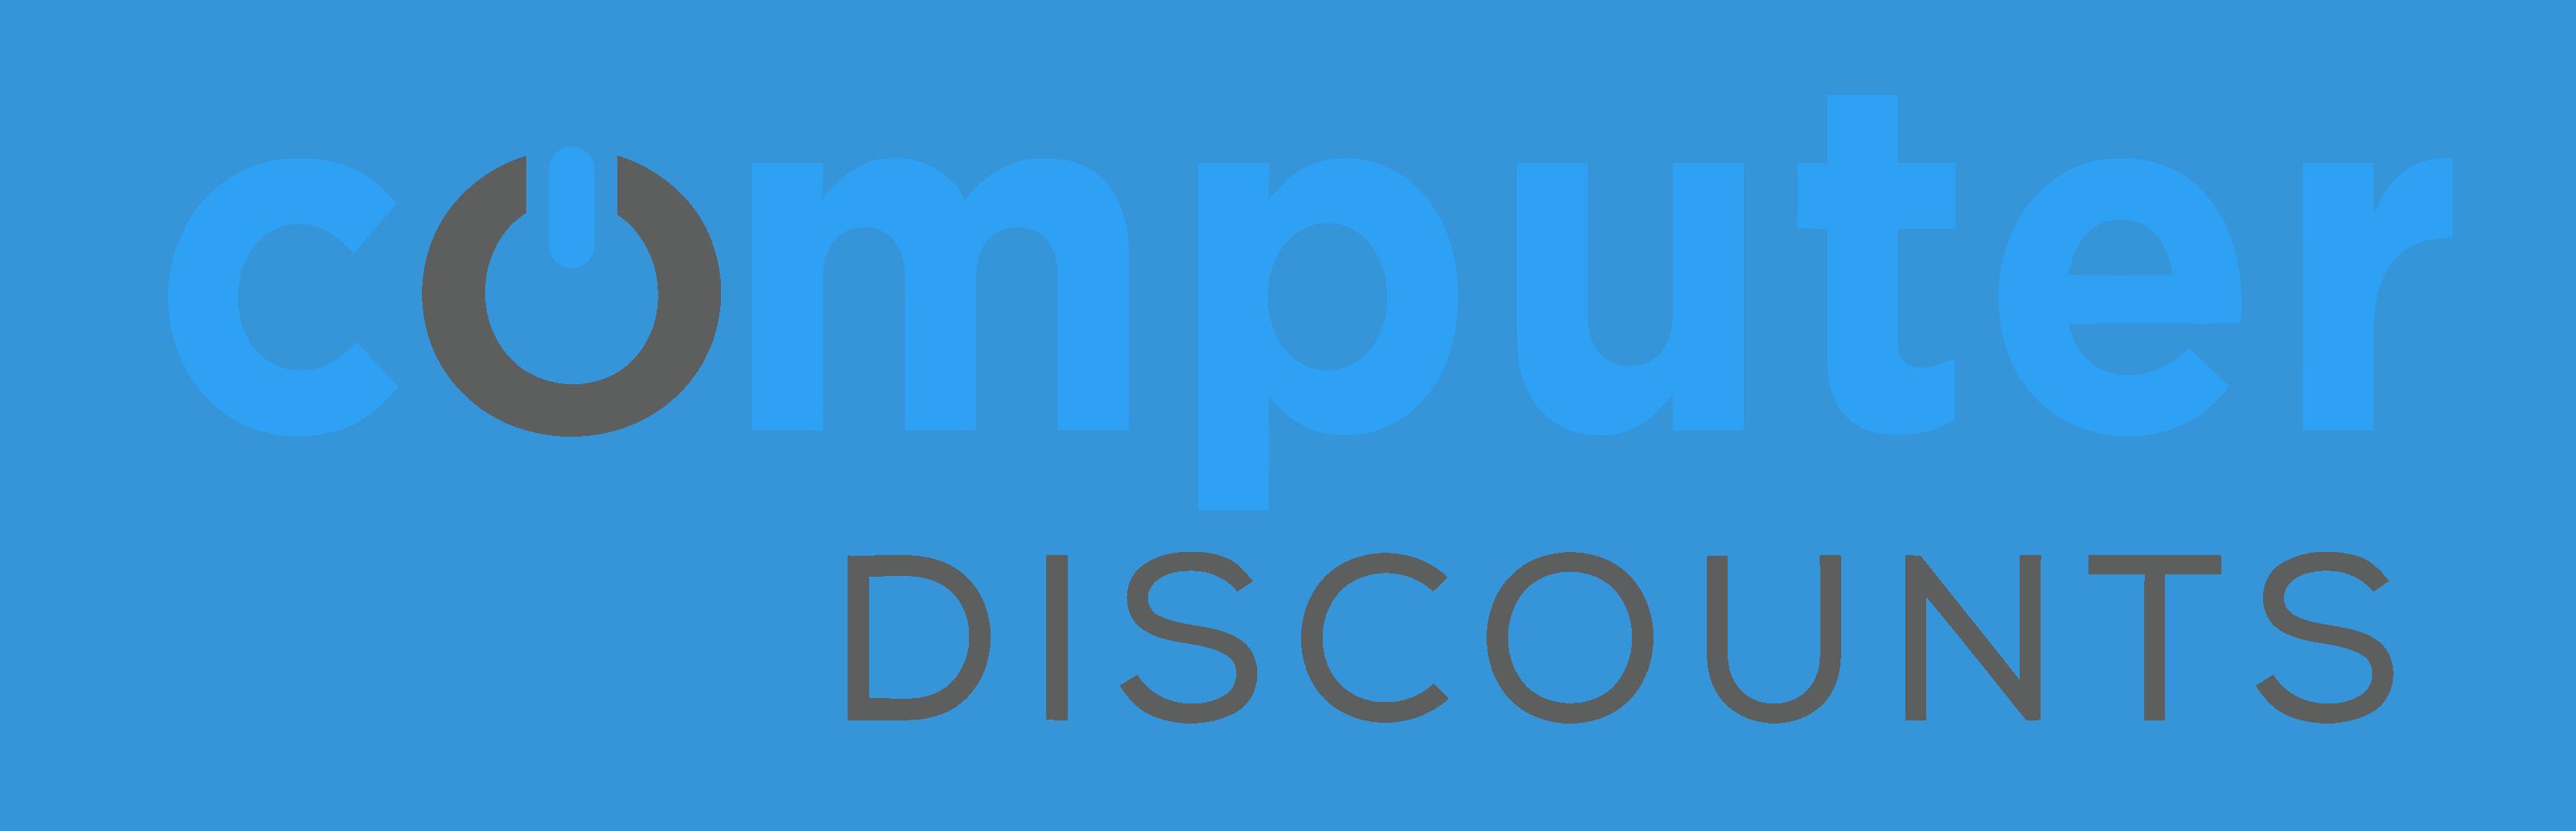 Computer Discounts